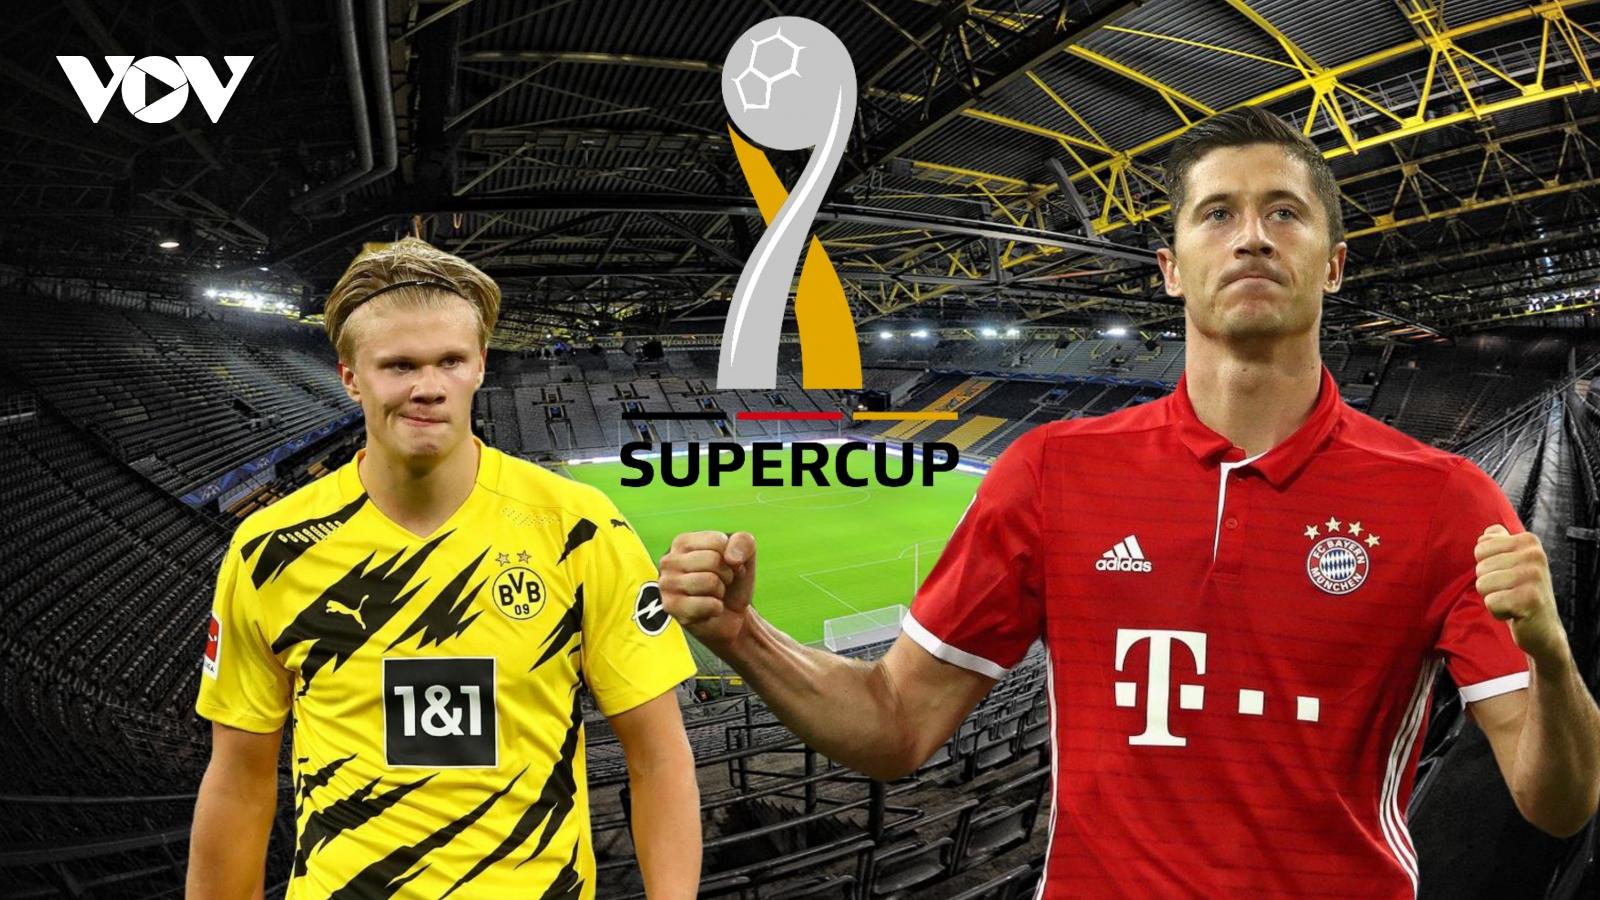 Dự đoán kết quả, đội hình xuất phát trận Dortmund - Bayern Munich